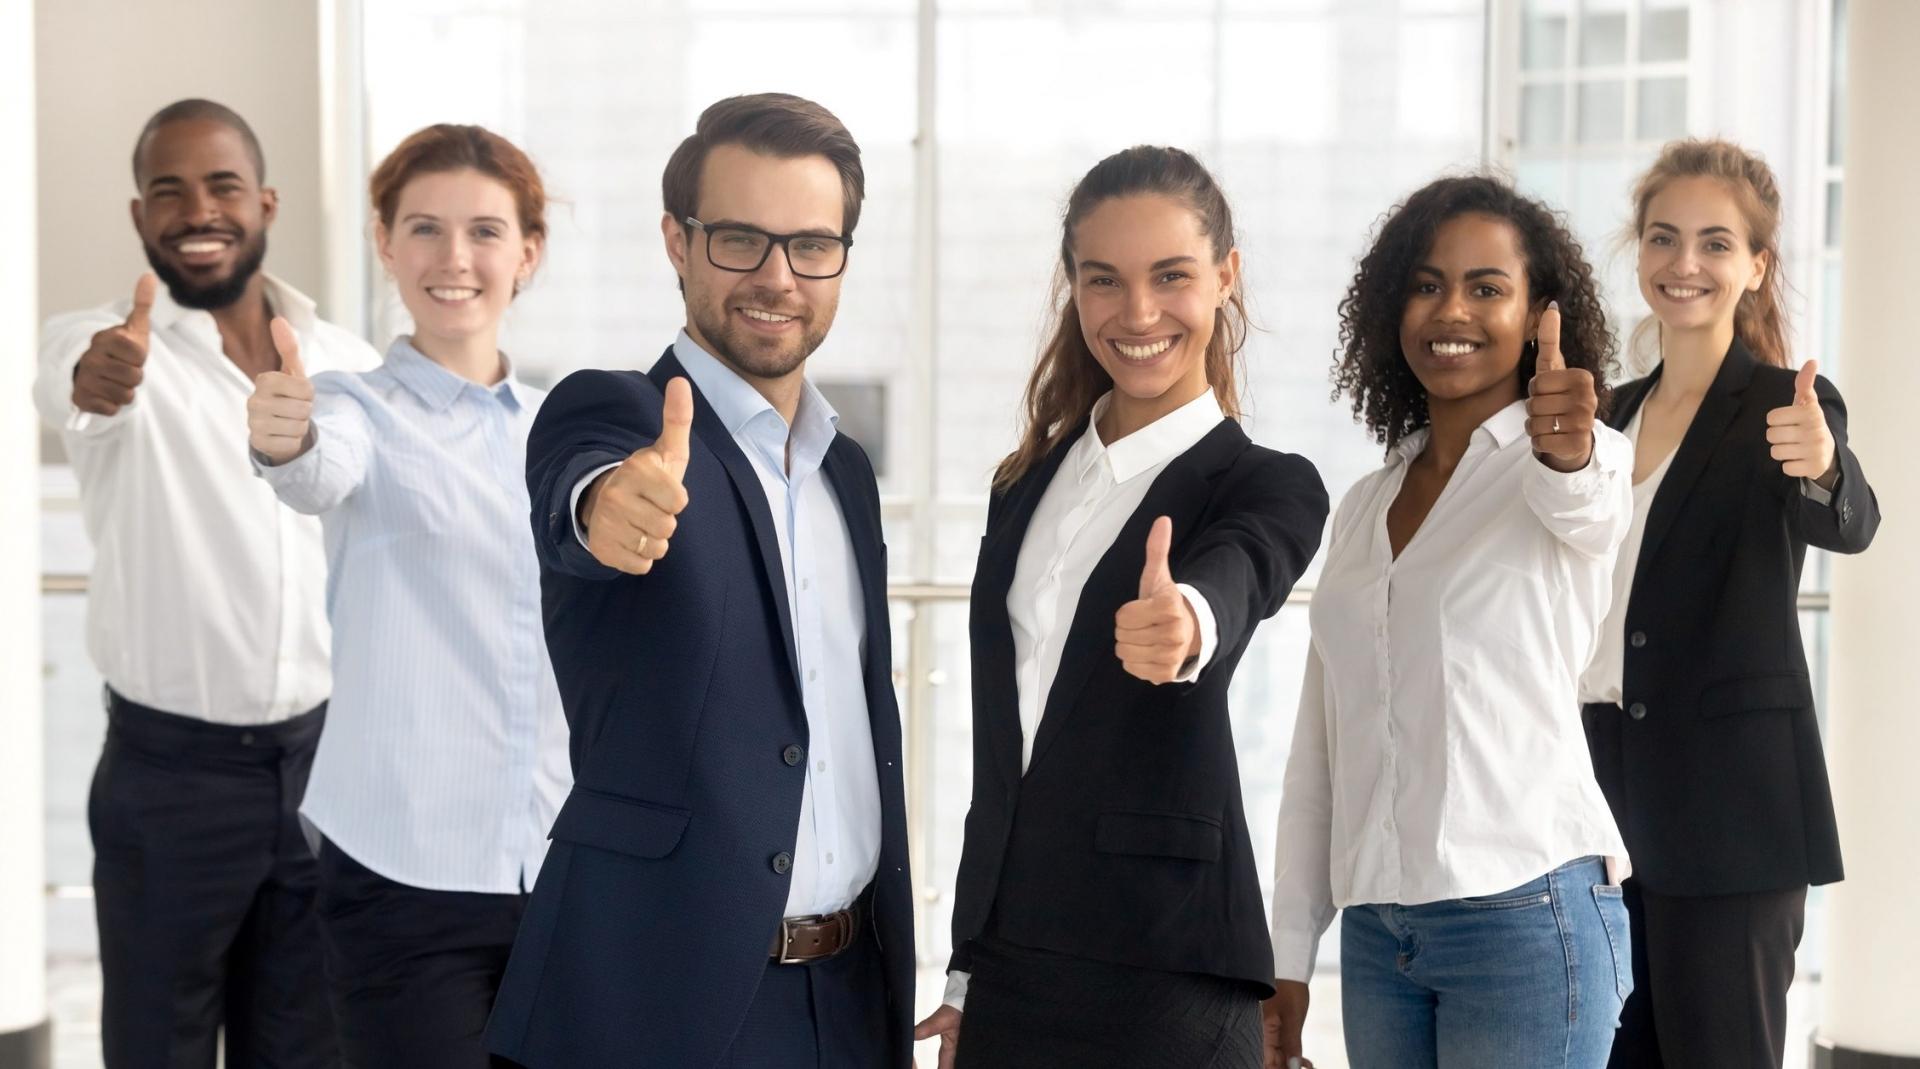 Quali sono i vantaggi dei corsi di formazione riconosciuti?